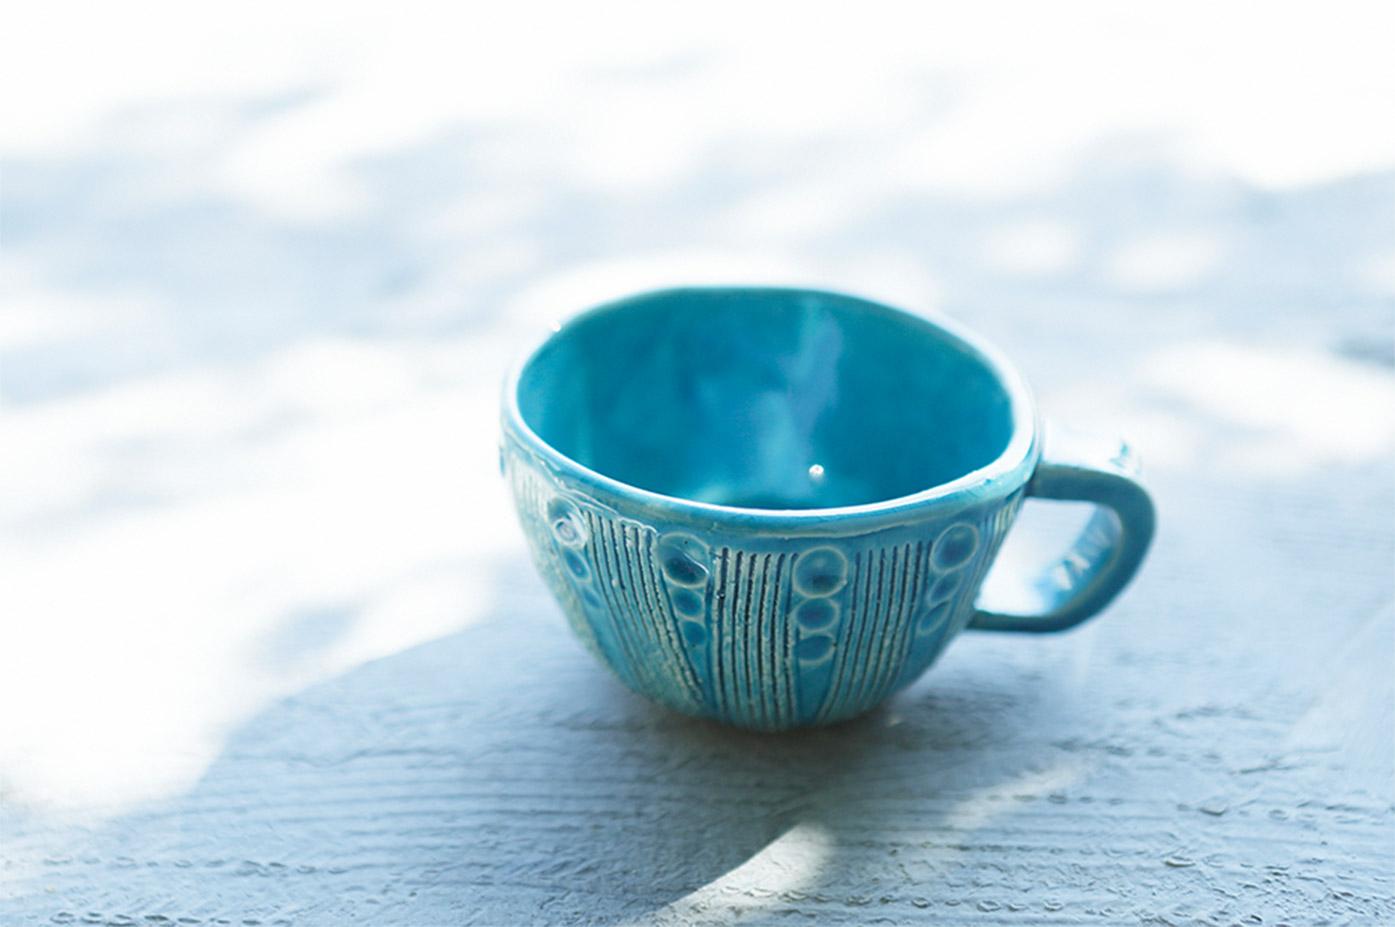 ポップな色がかわいい!現代版の常滑焼がお洒落な「TOKONAME STORE」で陶芸体験 - tokoname10 1